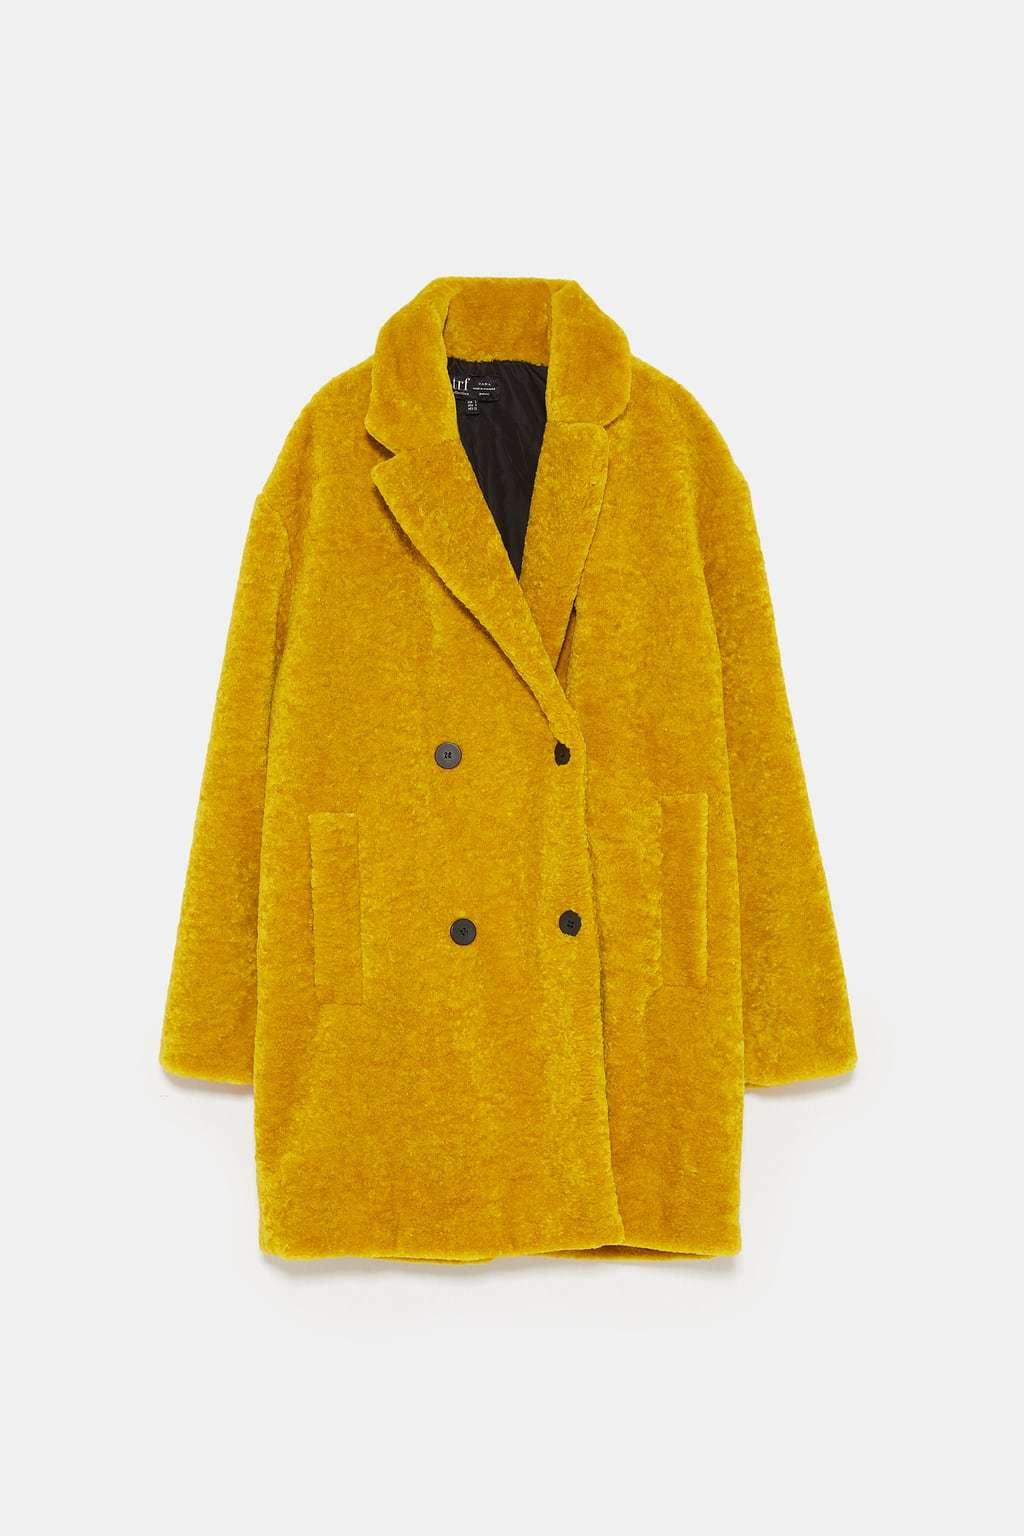 Abrigo de textura amarillo, de Zara (49,95 euros).